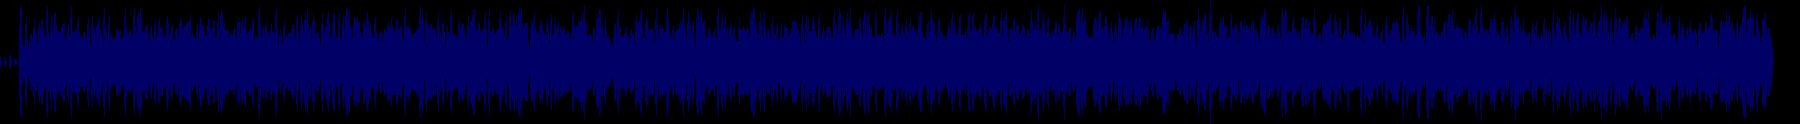 waveform of track #72052